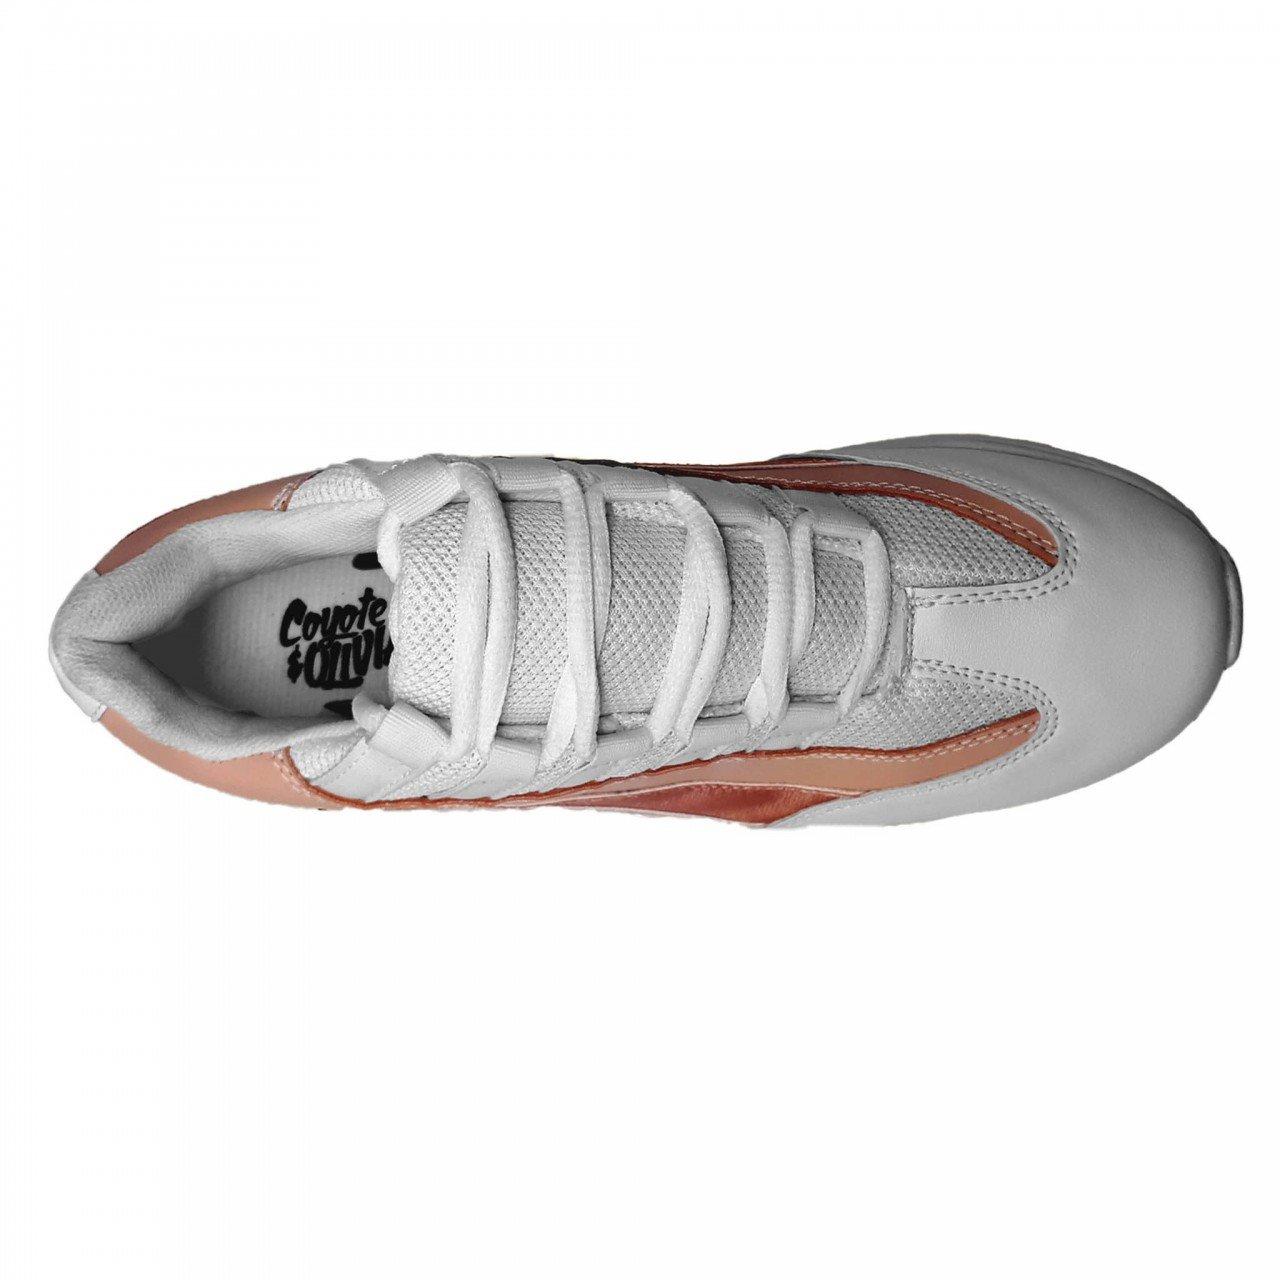 Tenis blanco con rosa de mujer Coyote y Olivia O1117